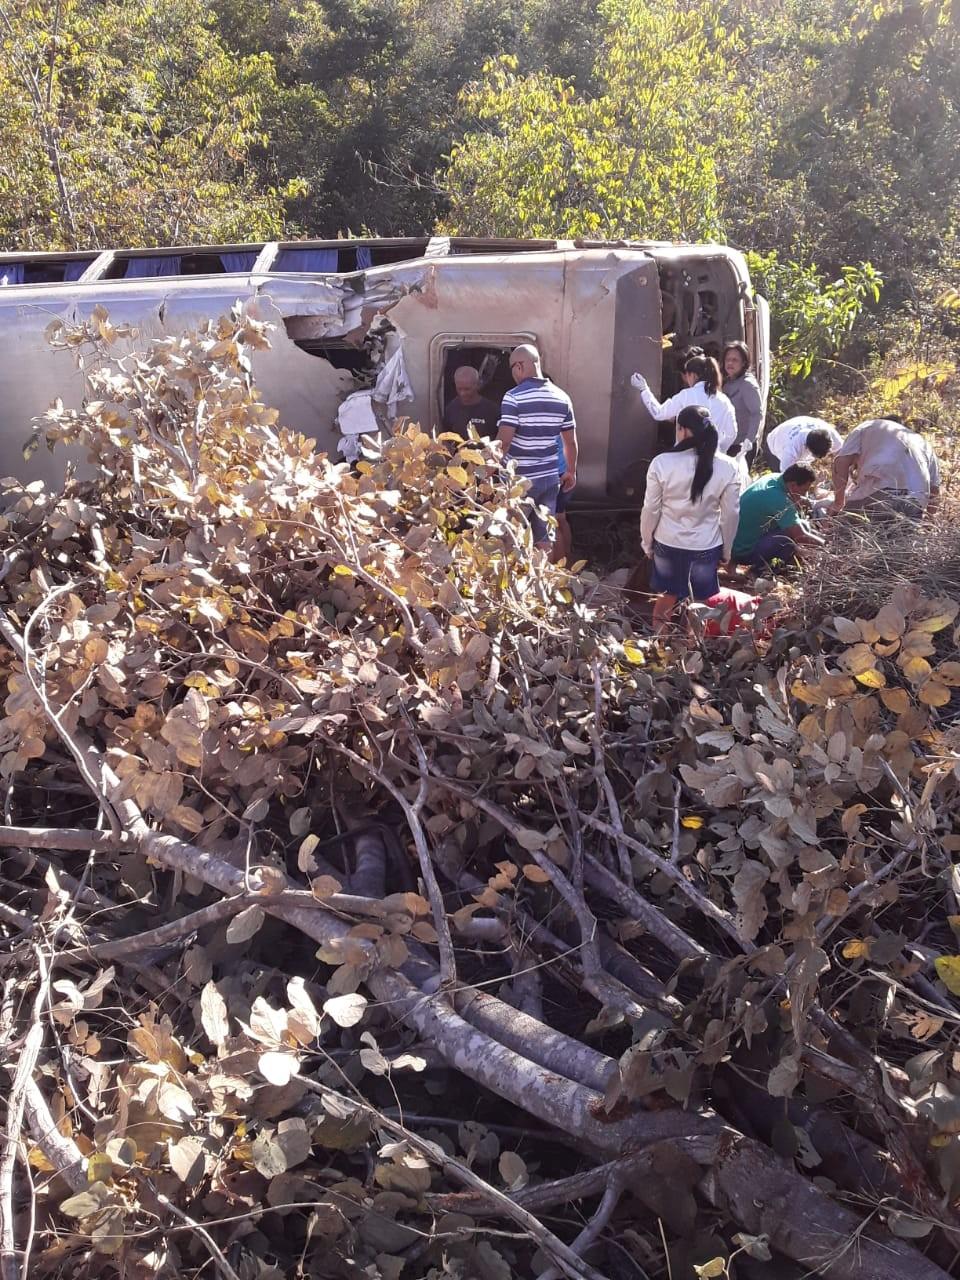 Polícia abre investigação sobre acidente com van que deixou mortos e mais de 30 feridos - Notícias - Plantão Diário